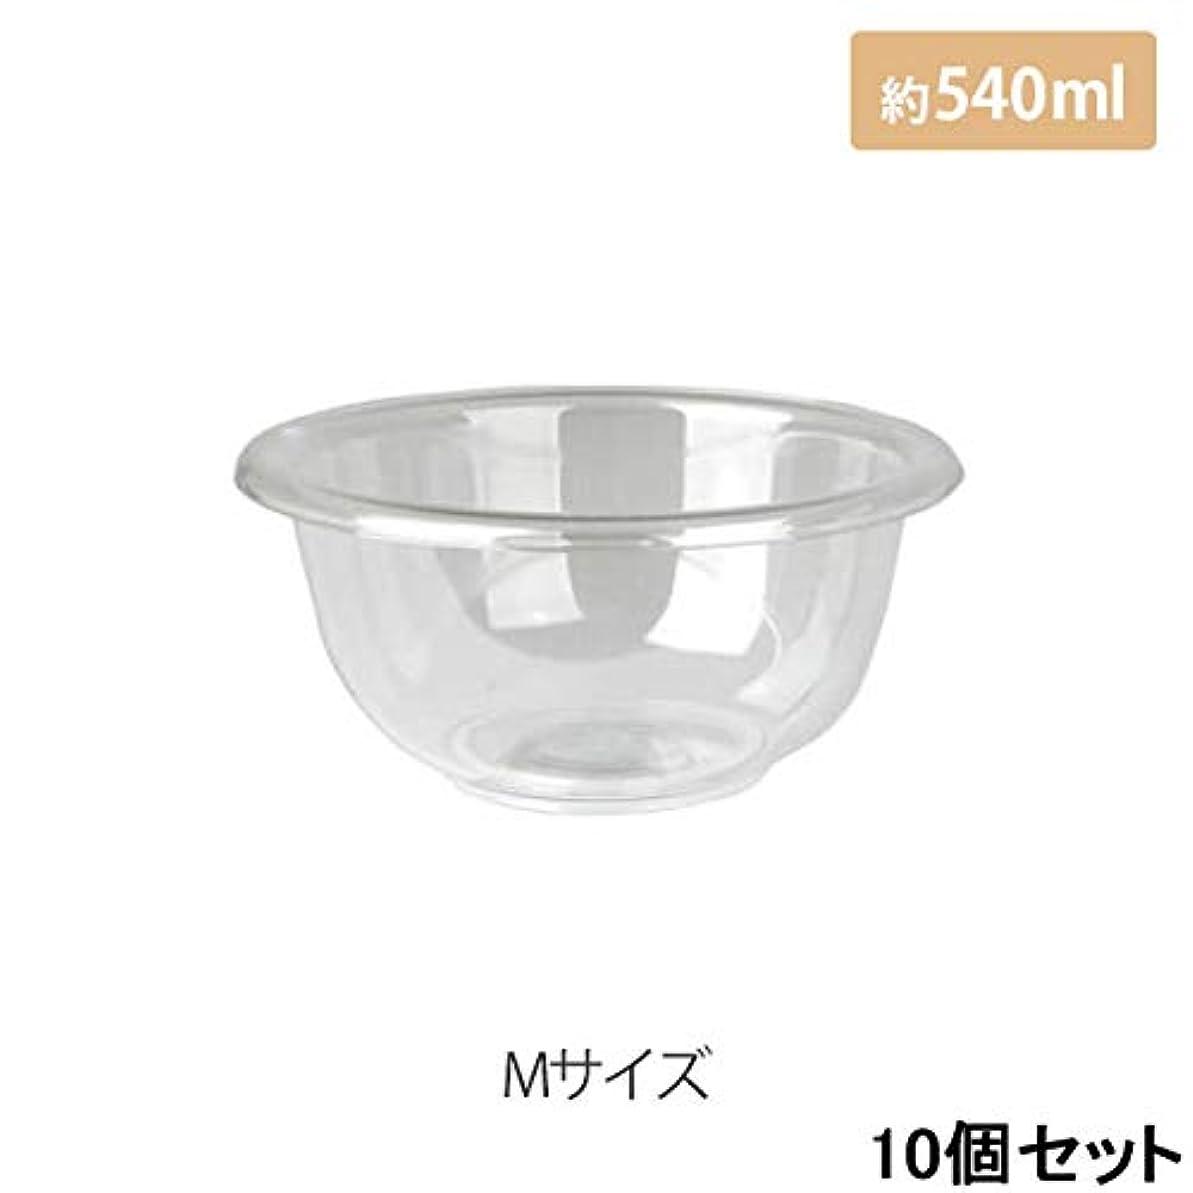 クロスかなりドルマイスター プラスティックボウル (Mサイズ) クリア 直径17cm (10個セット) [ プラスチックボール カップボウル カップボール エステ サロン プラスチック ボウル カップ 割れない ]